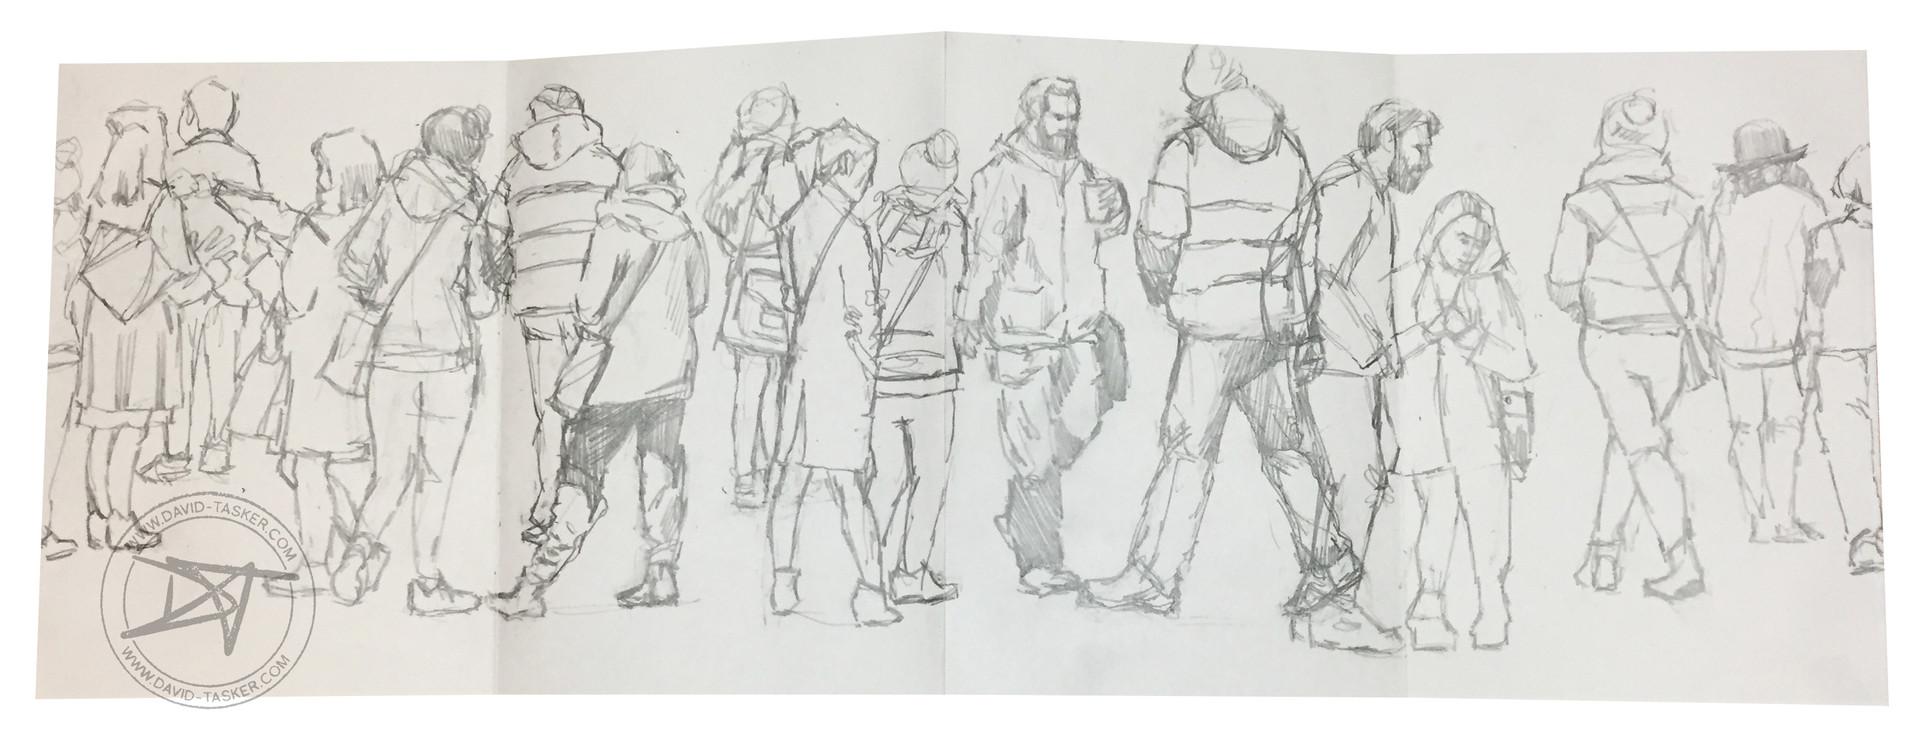 Queue drawing 5.jpg